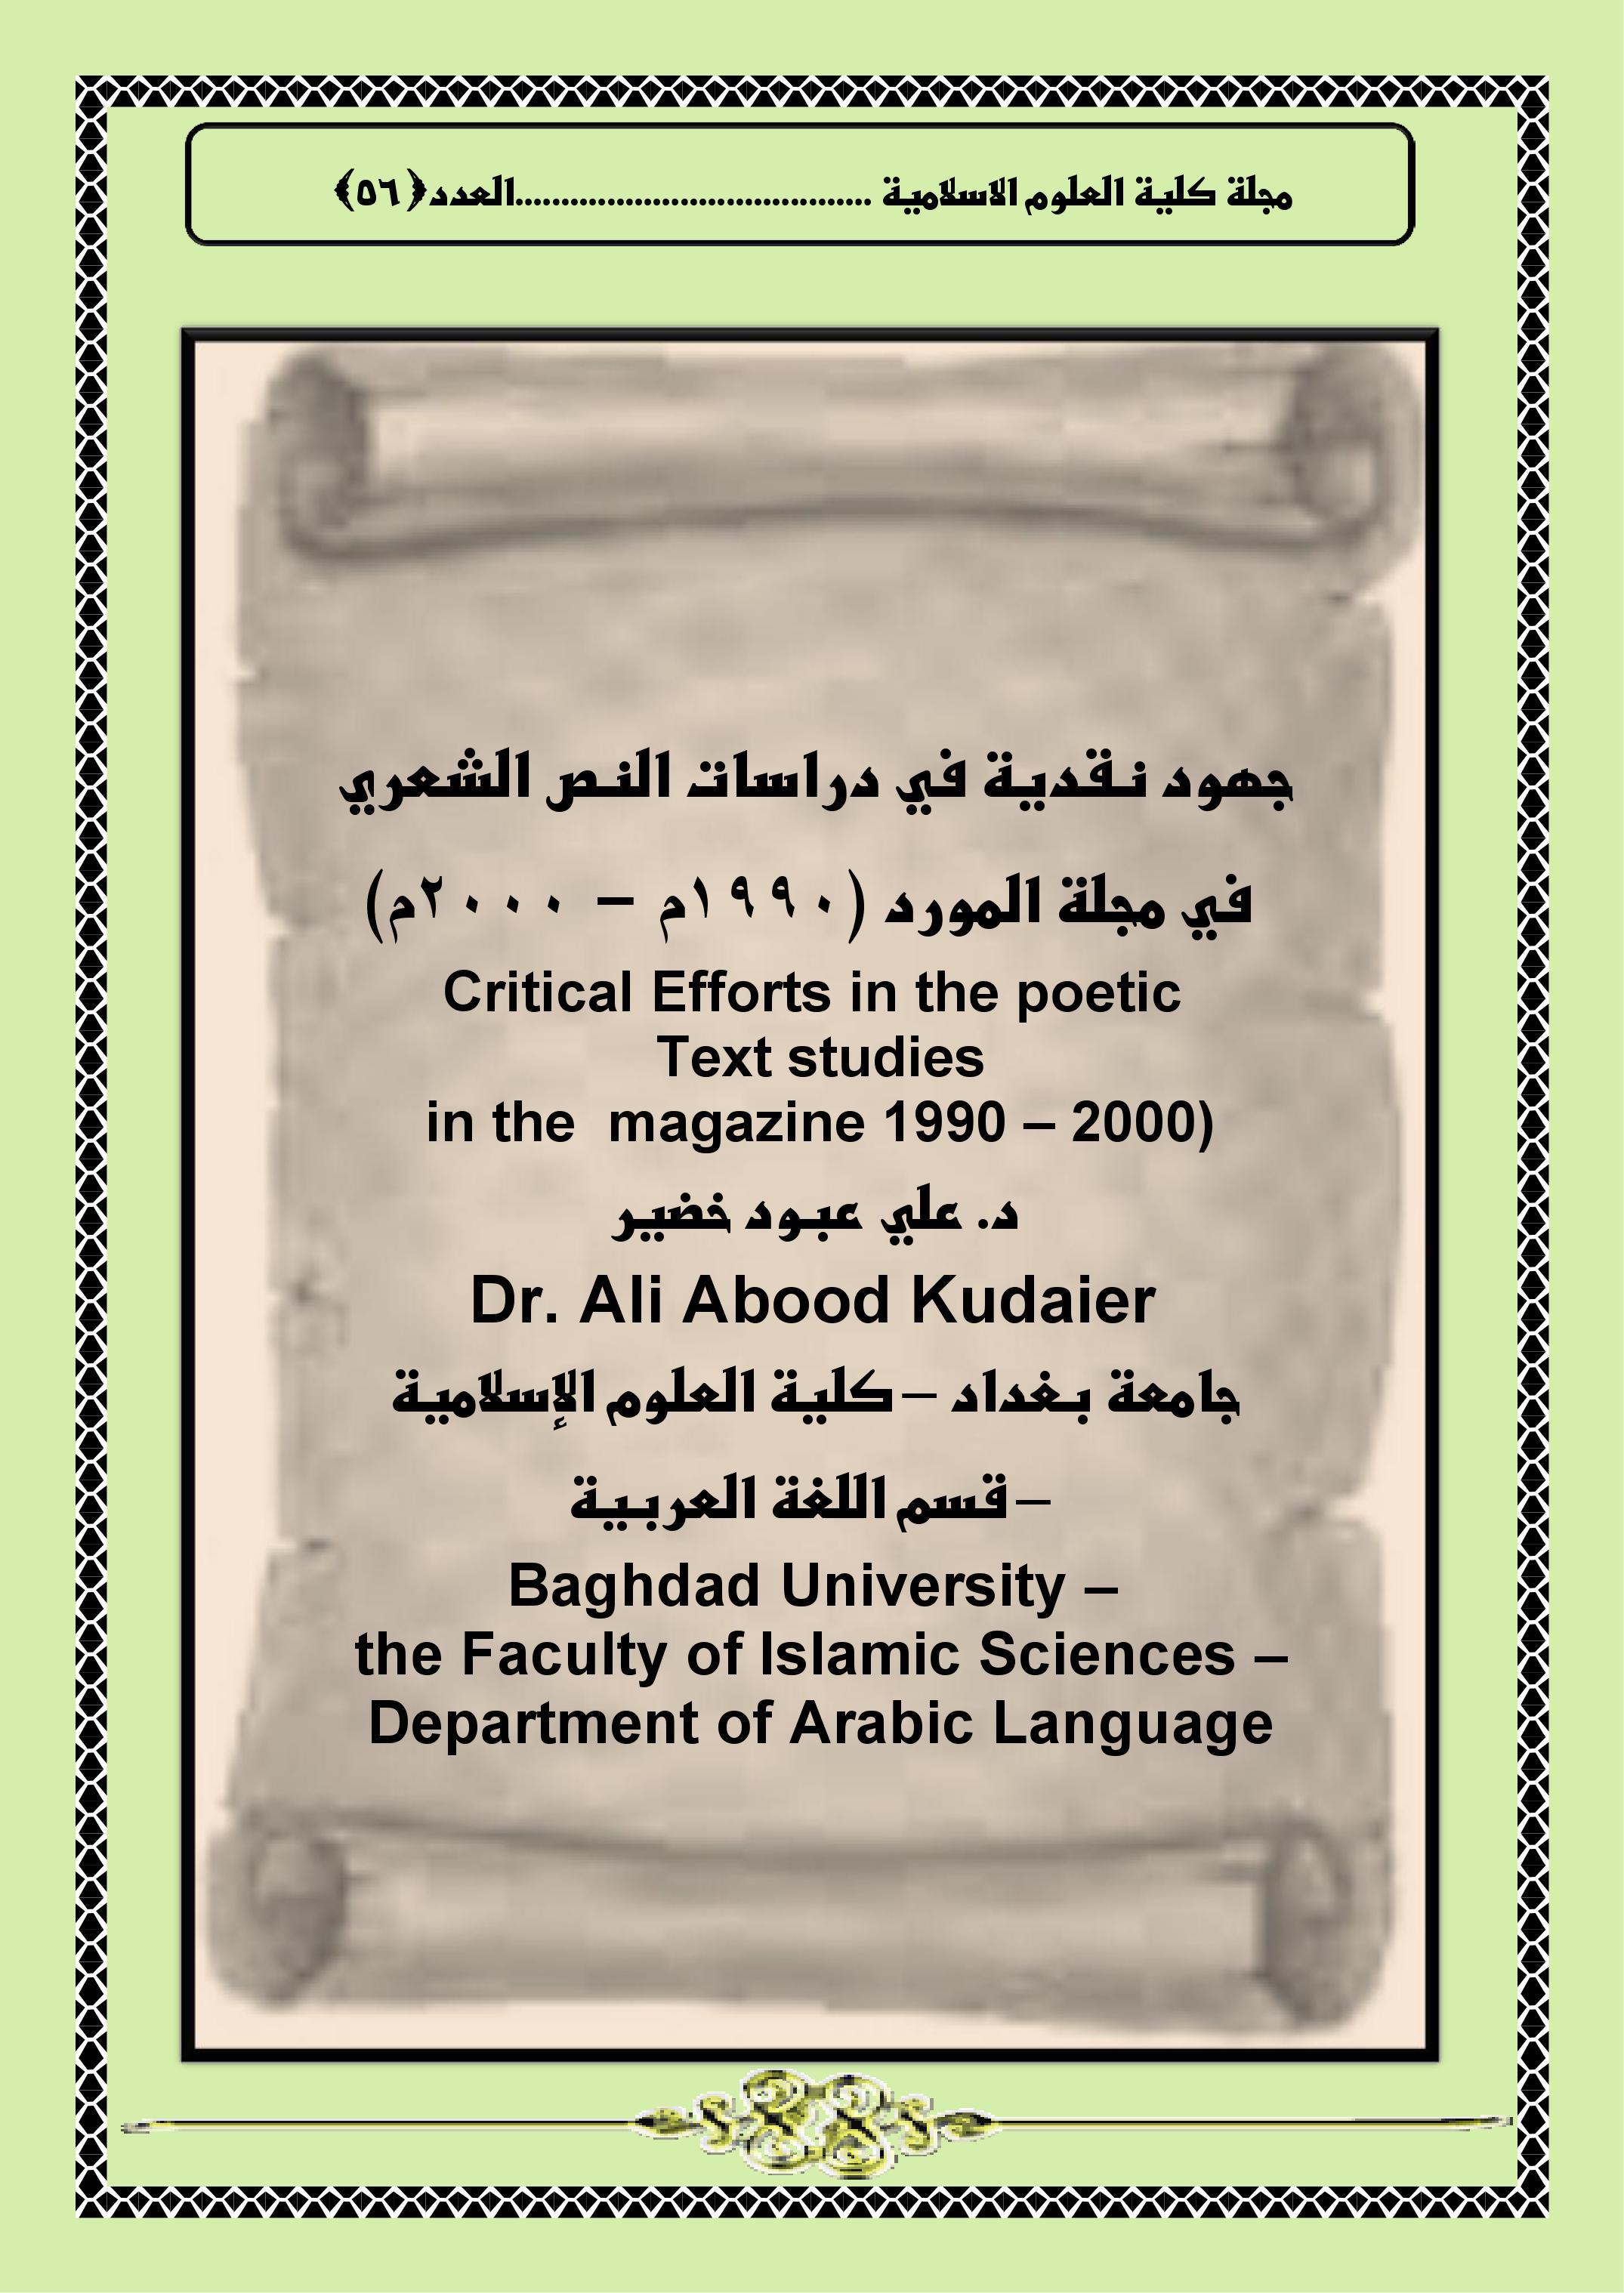 جهود نقدية في دراسات النص الشعري  في مجلة المورد (1990م – 2000م)